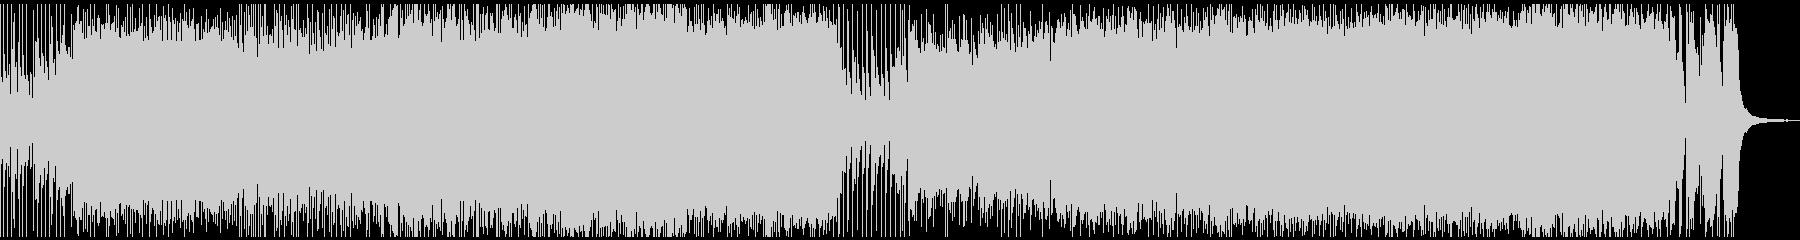 ピアノとバンドサウンドのデジタルロック風の未再生の波形